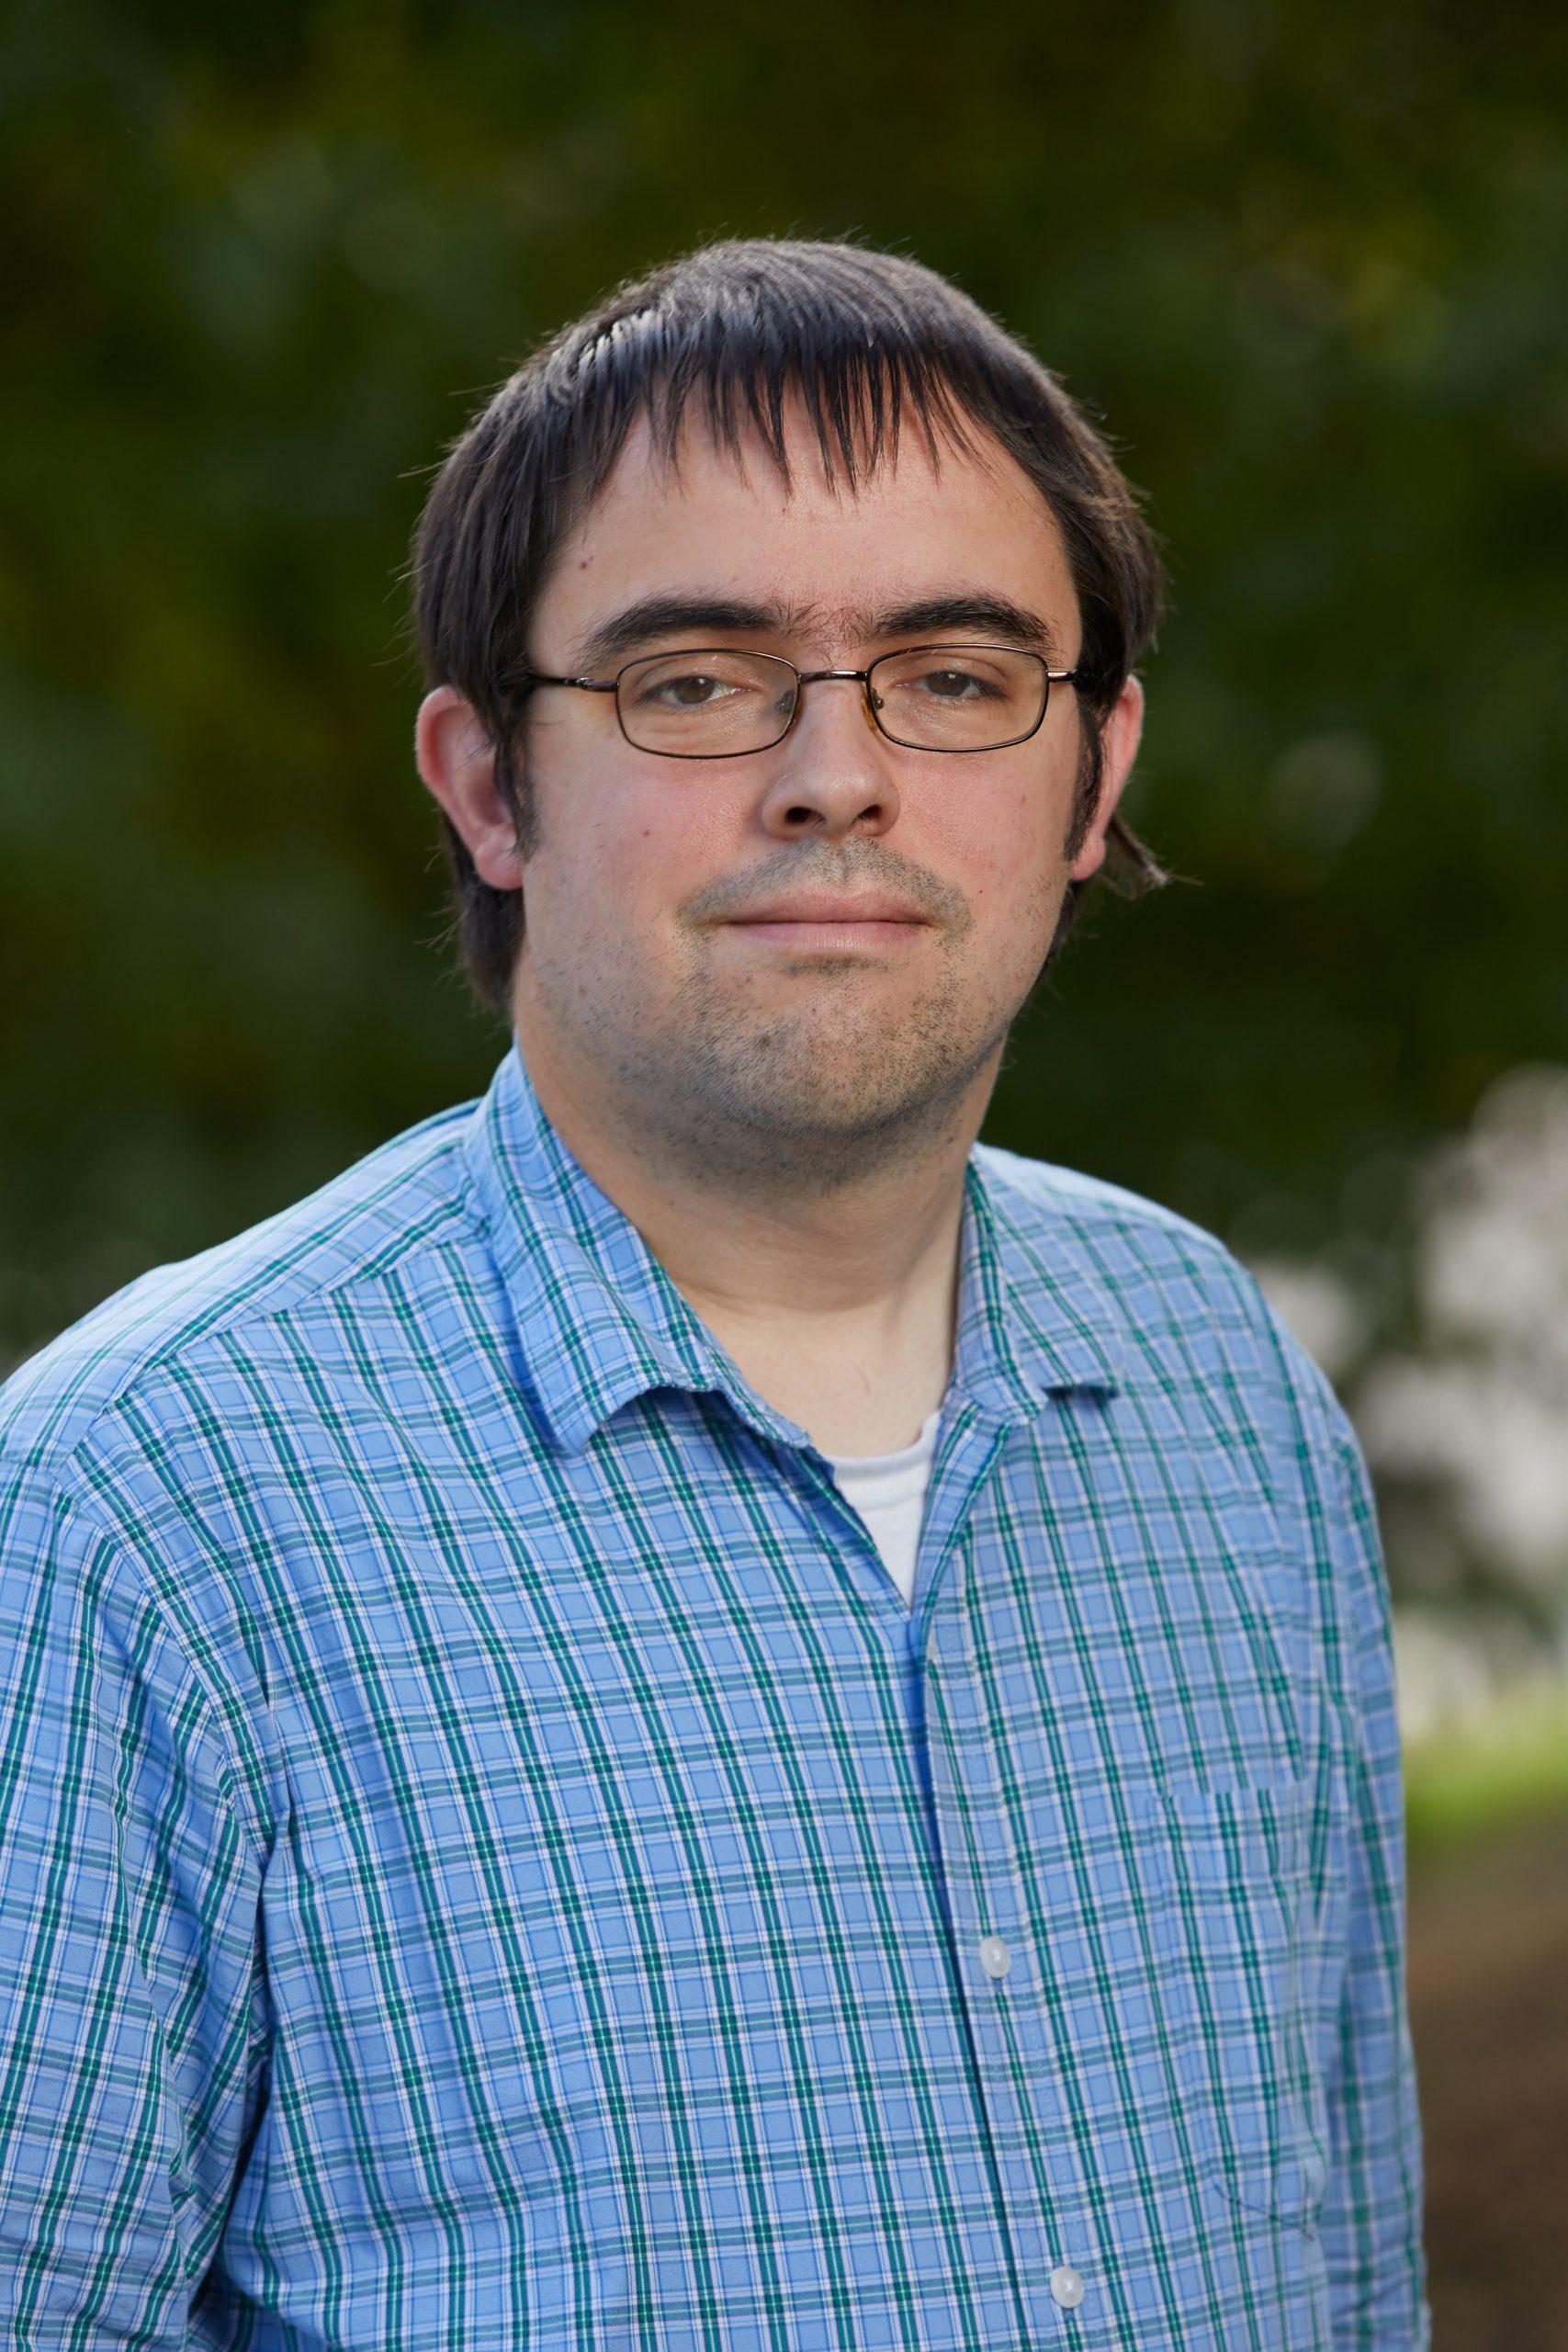 Jonathan Ennis